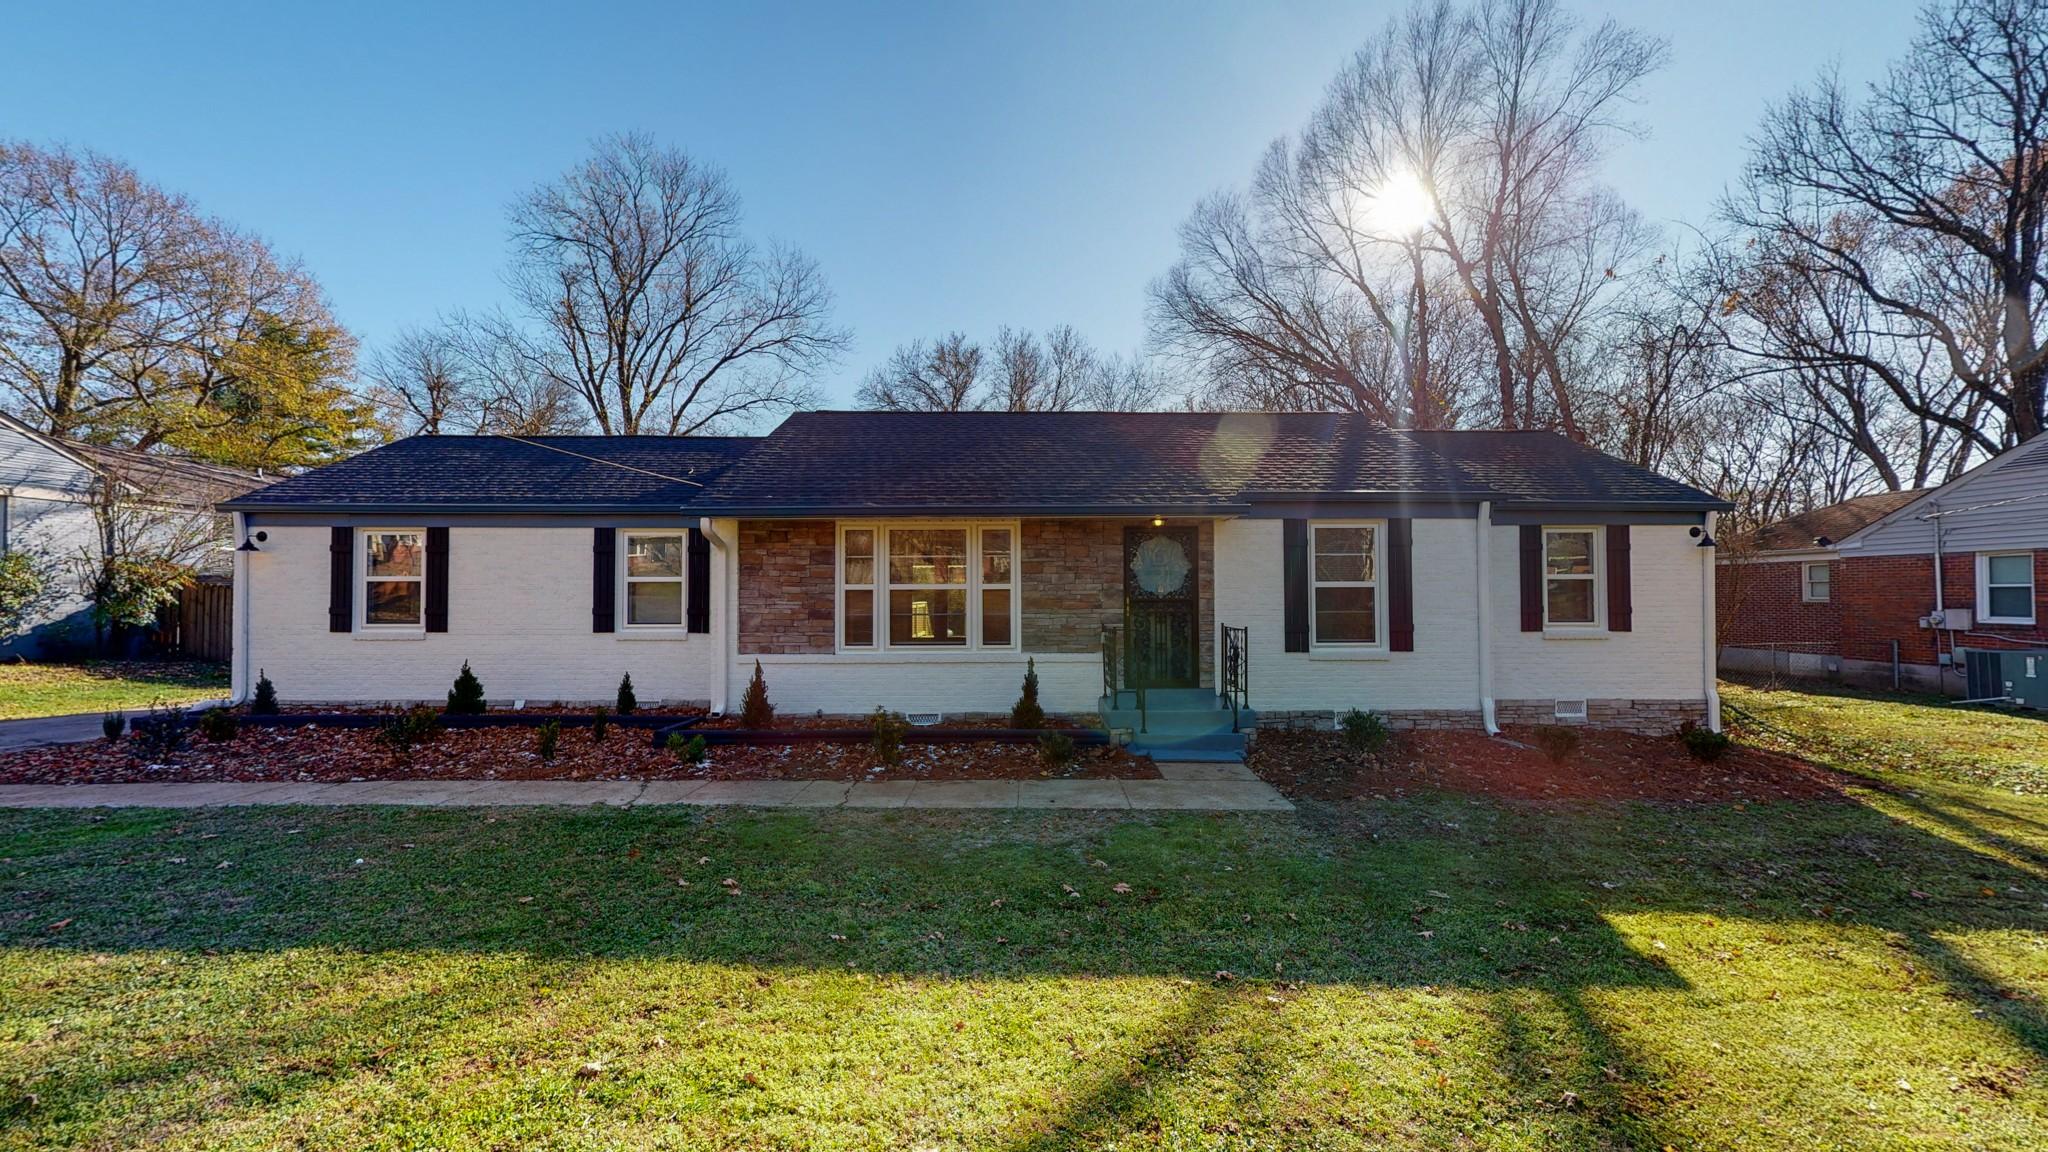 535 Inwood Dr Property Photo - Nashville, TN real estate listing